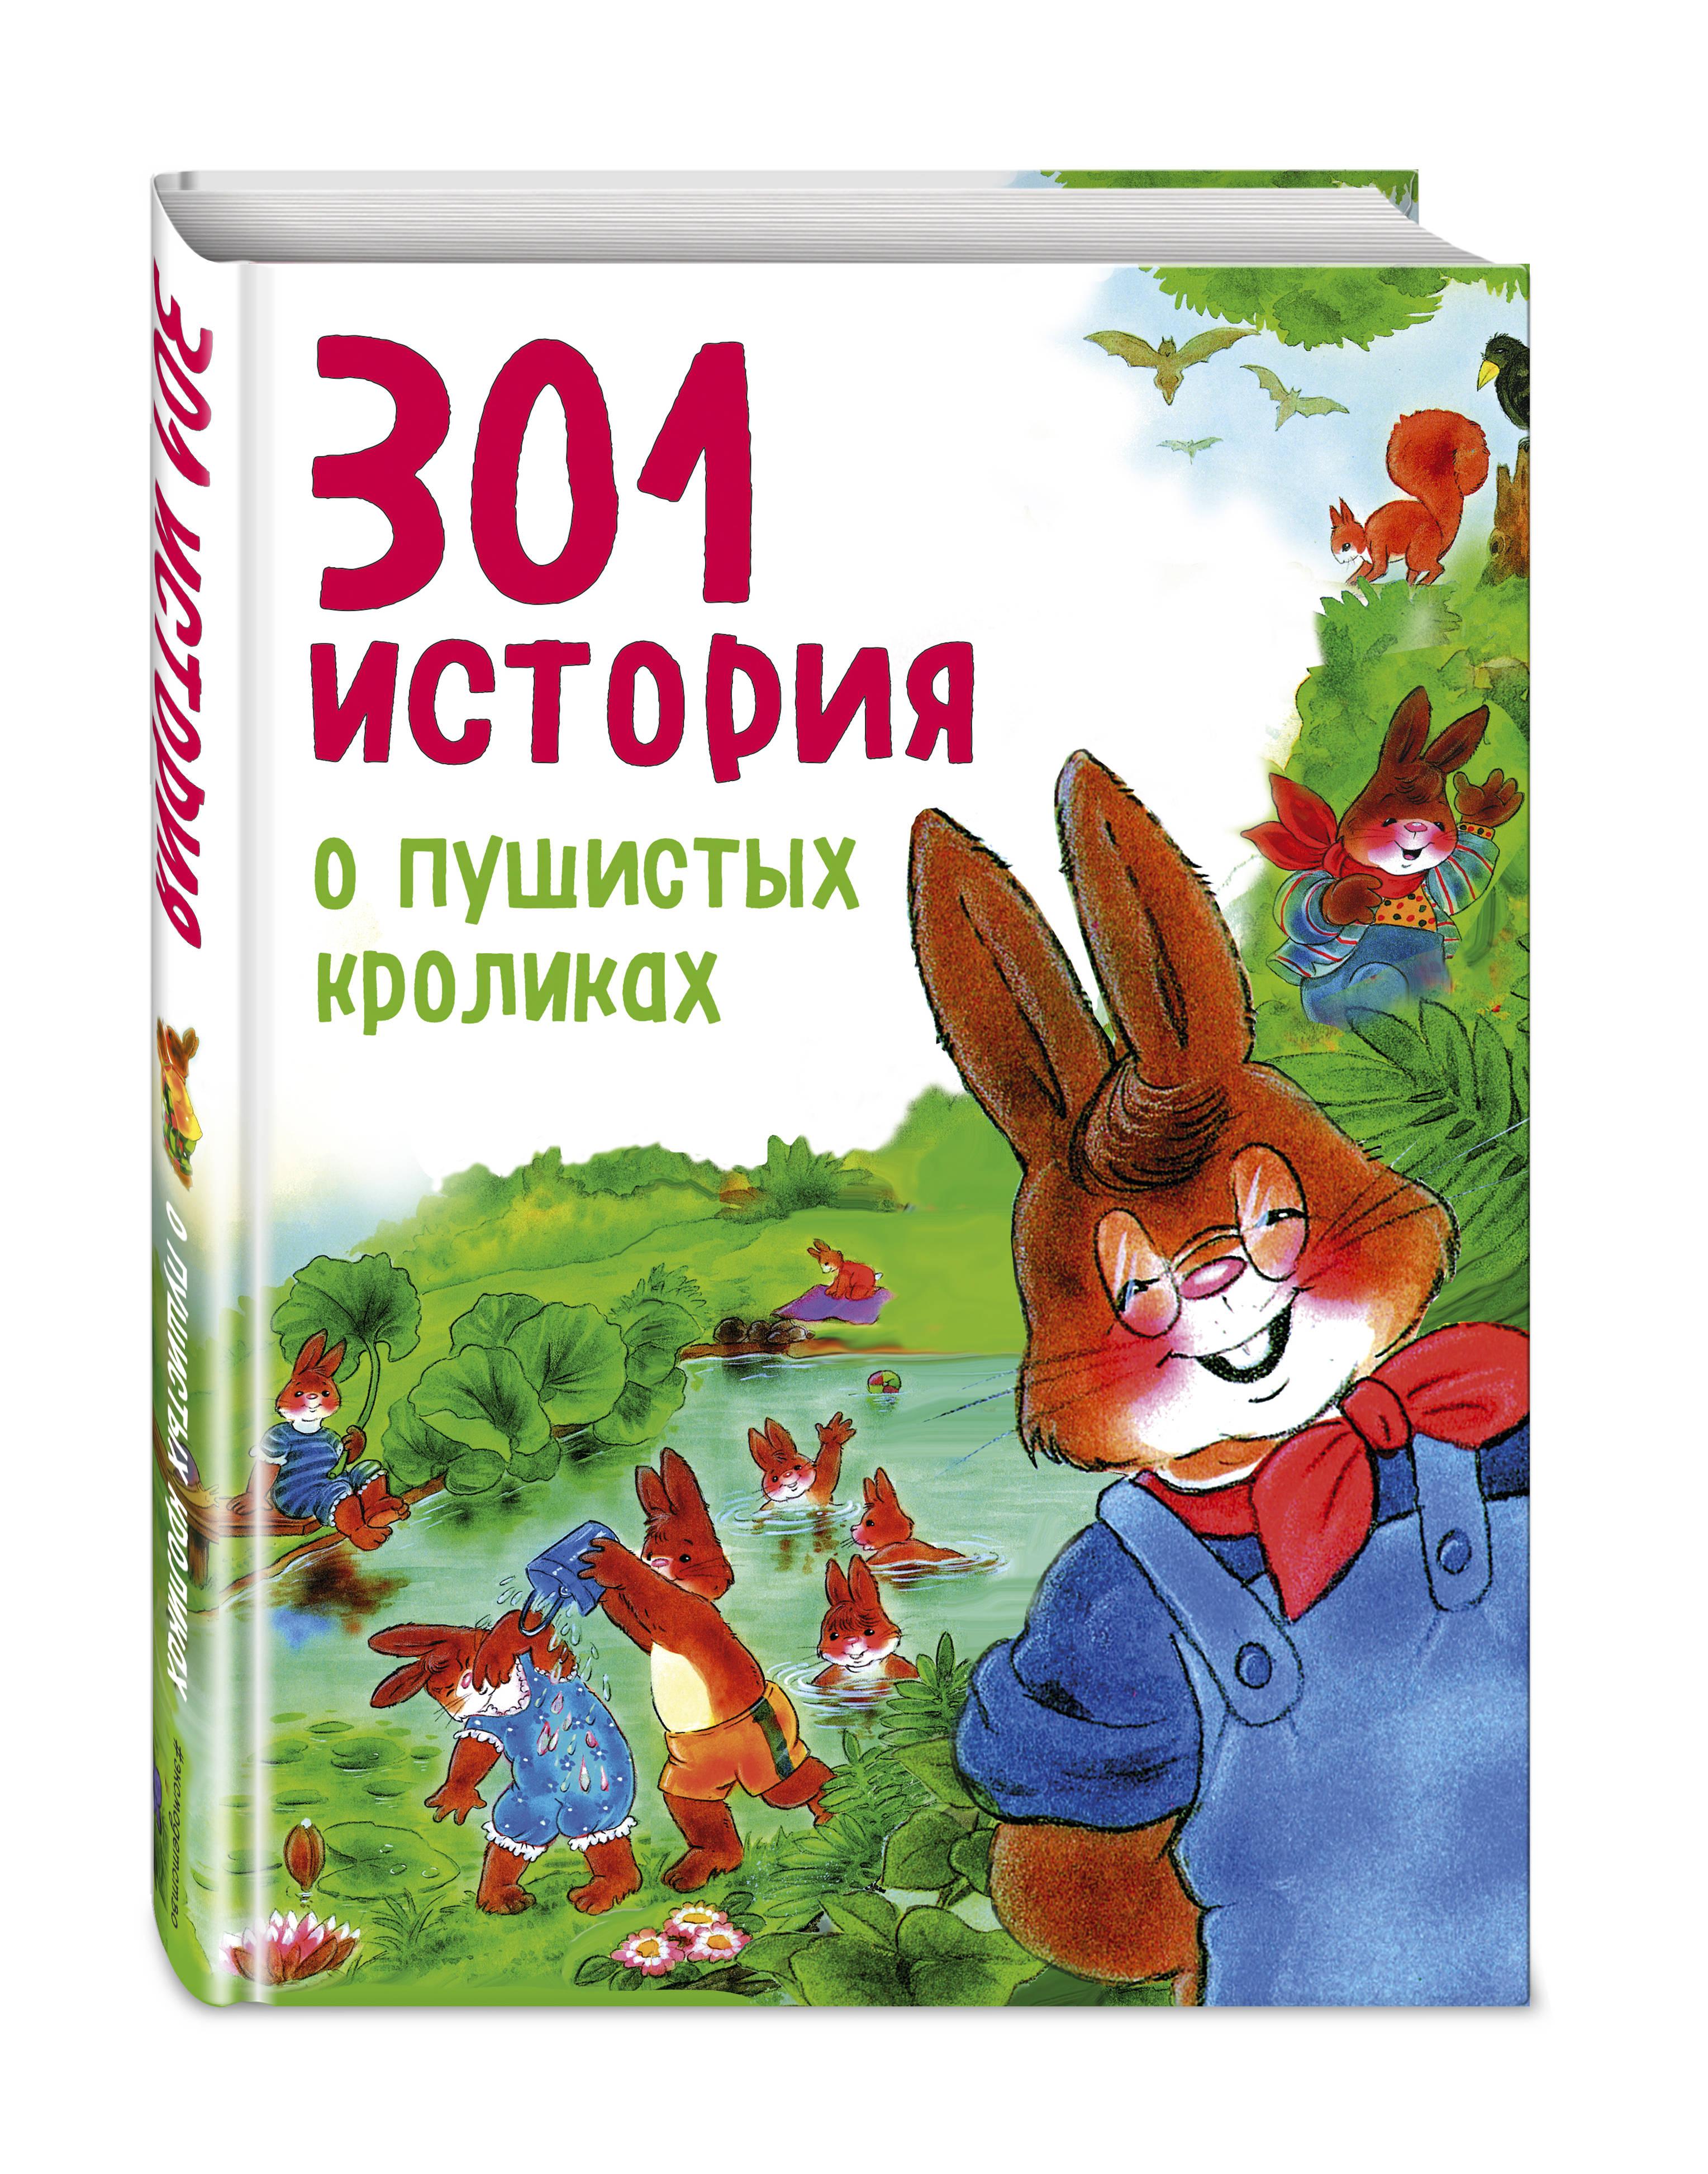 Фрёлих Ф. 301 история о пушистых кроликах f gattien f gattien 6236 301